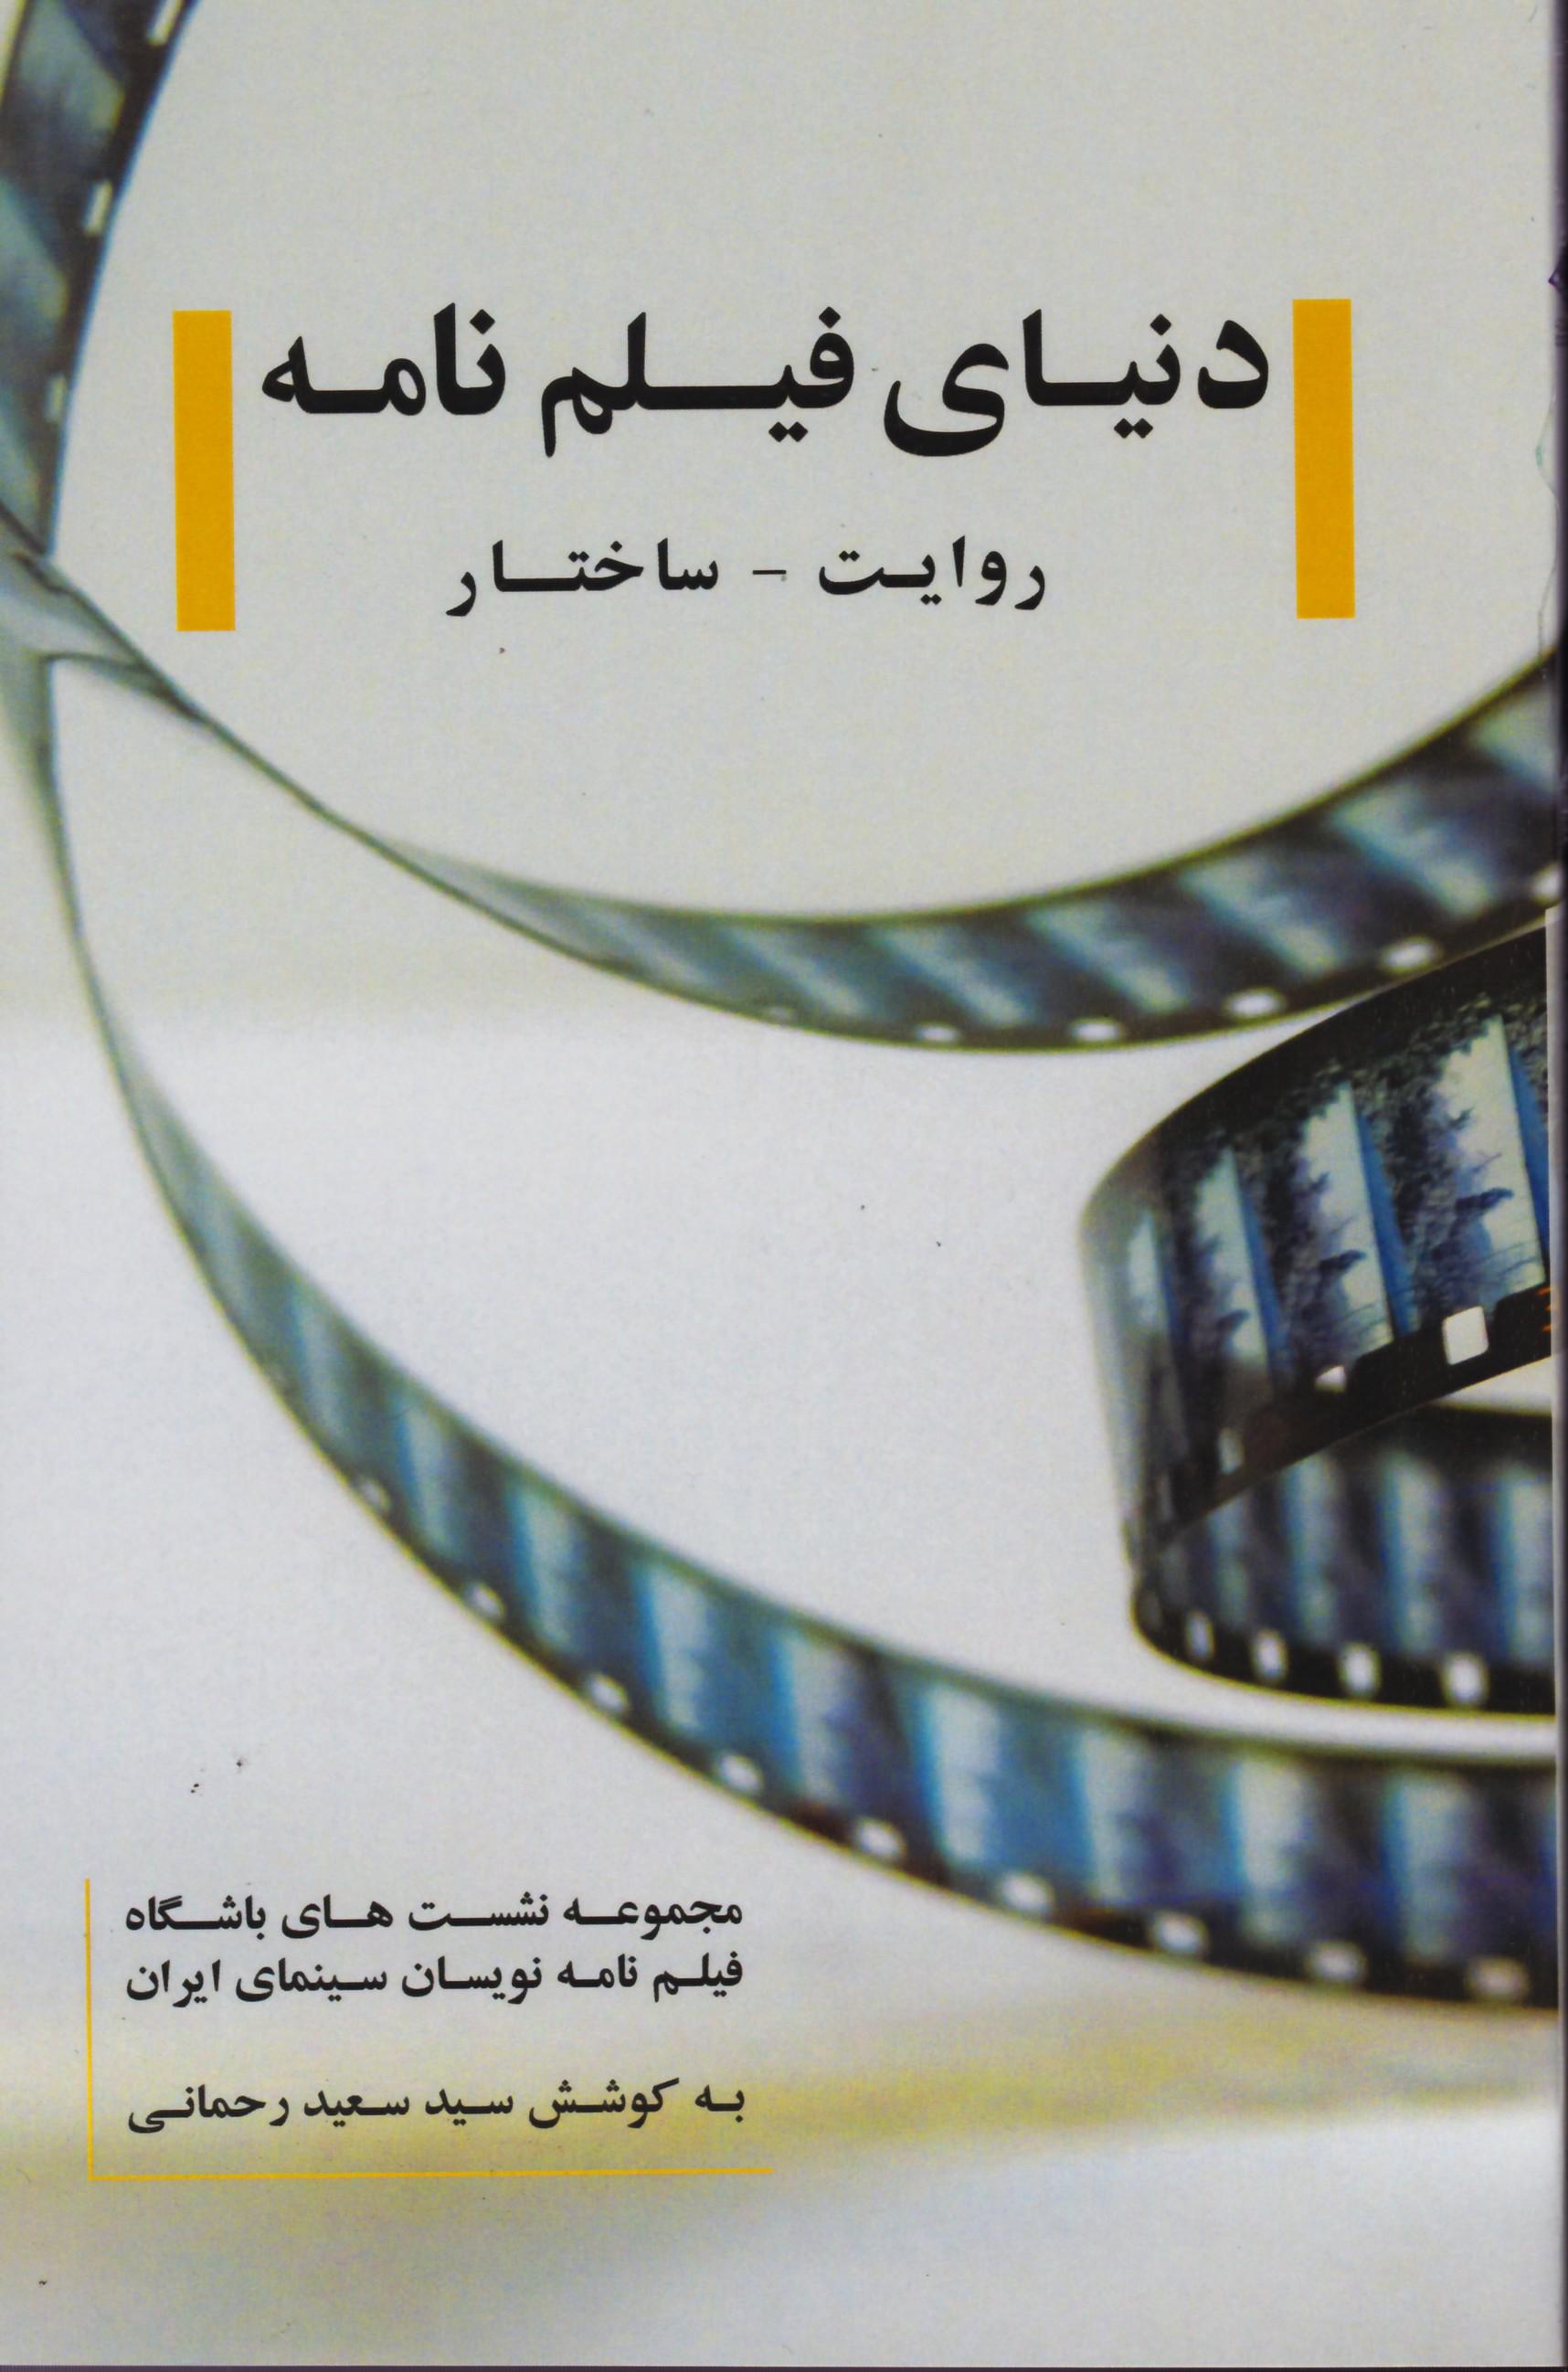 دنیای فیلم نامه : روایت و ساختار